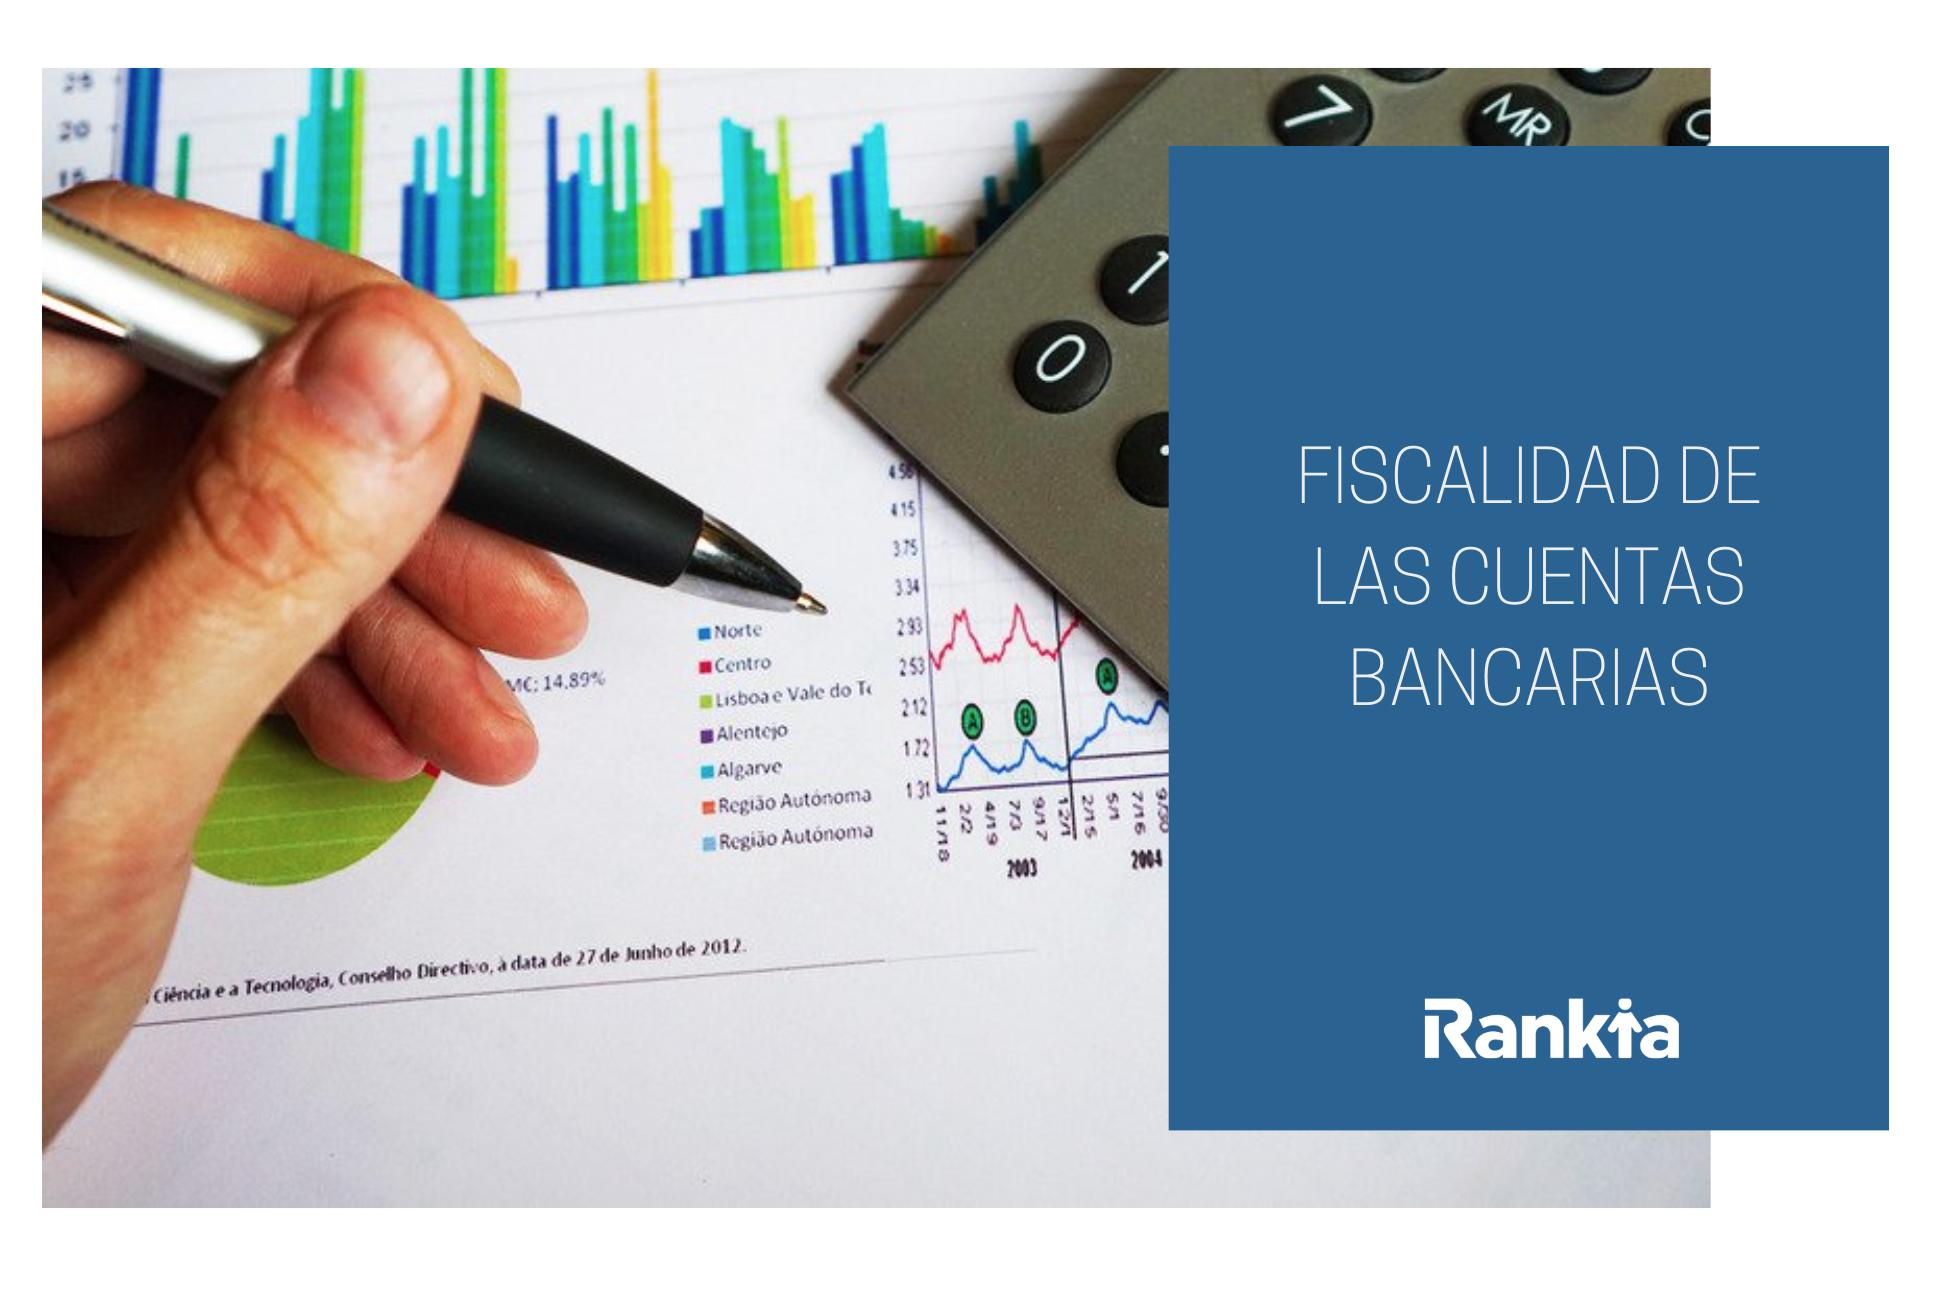 Fiscalidad cuentas bancarias